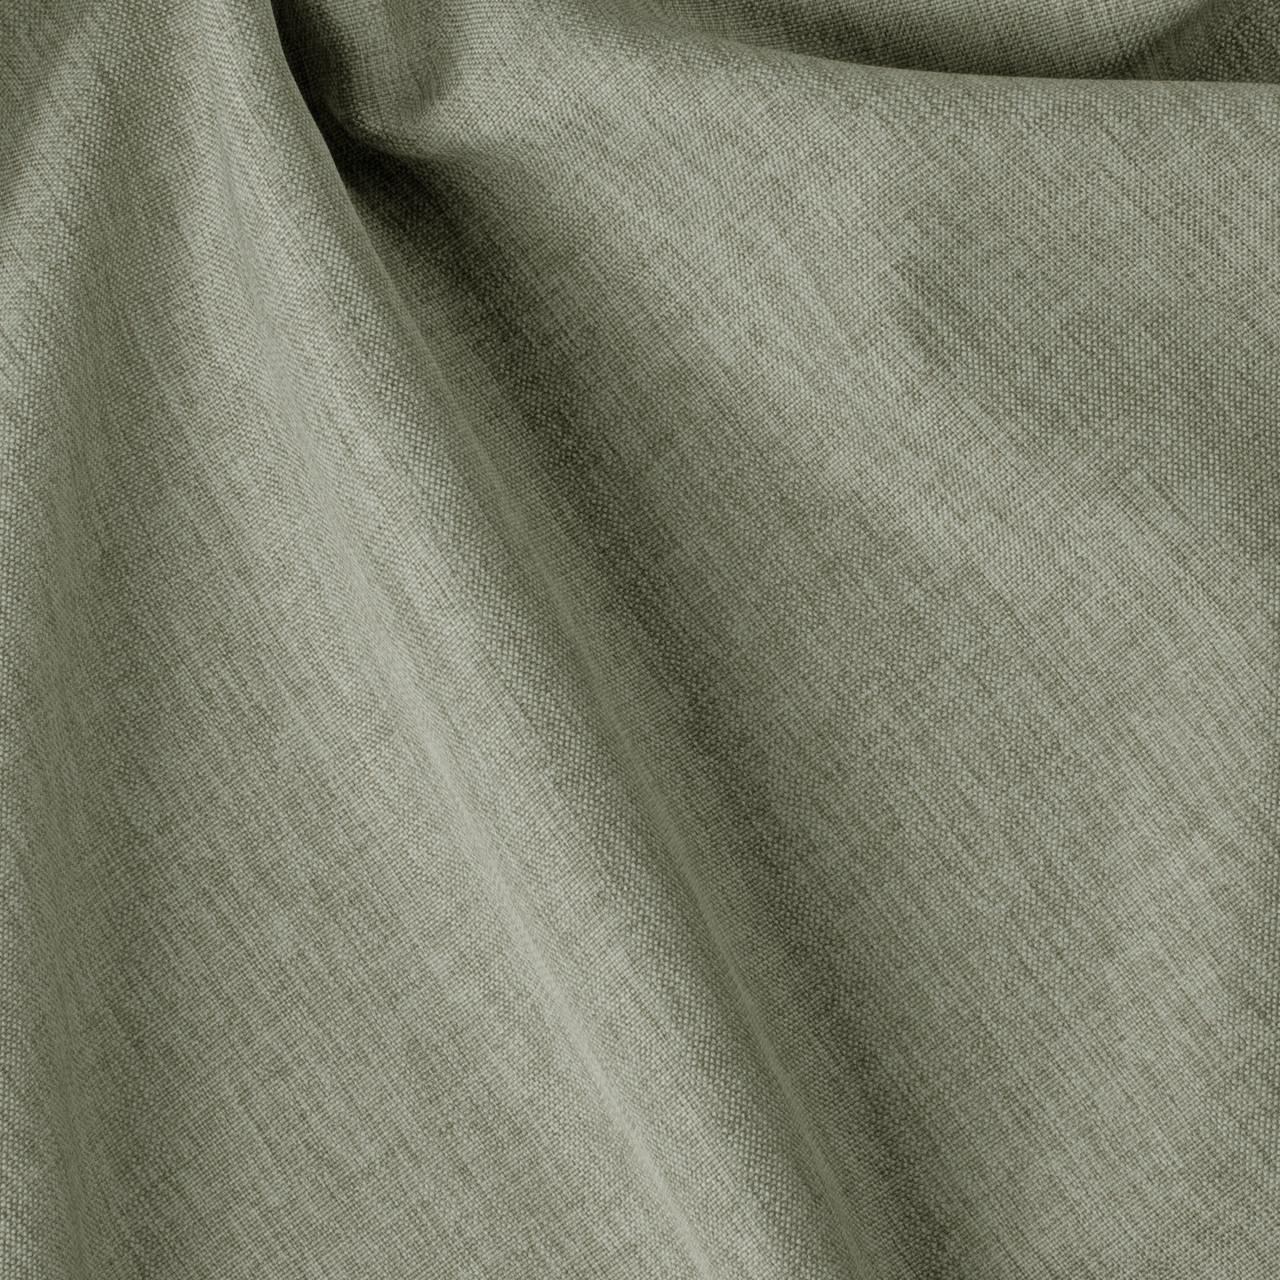 Декоративная однотонная рогожка серого цвета Турция 84473v28